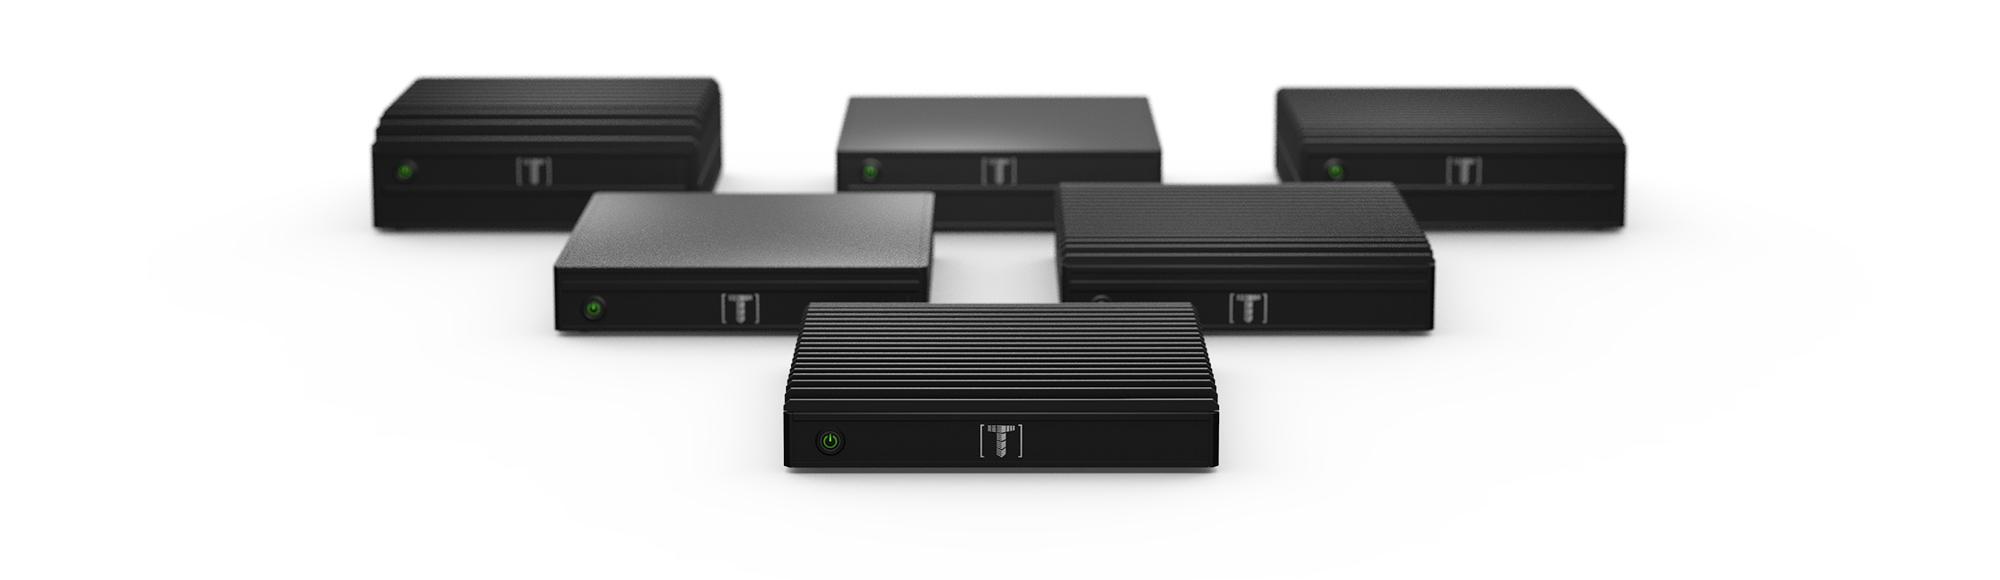 Tensor PC W20